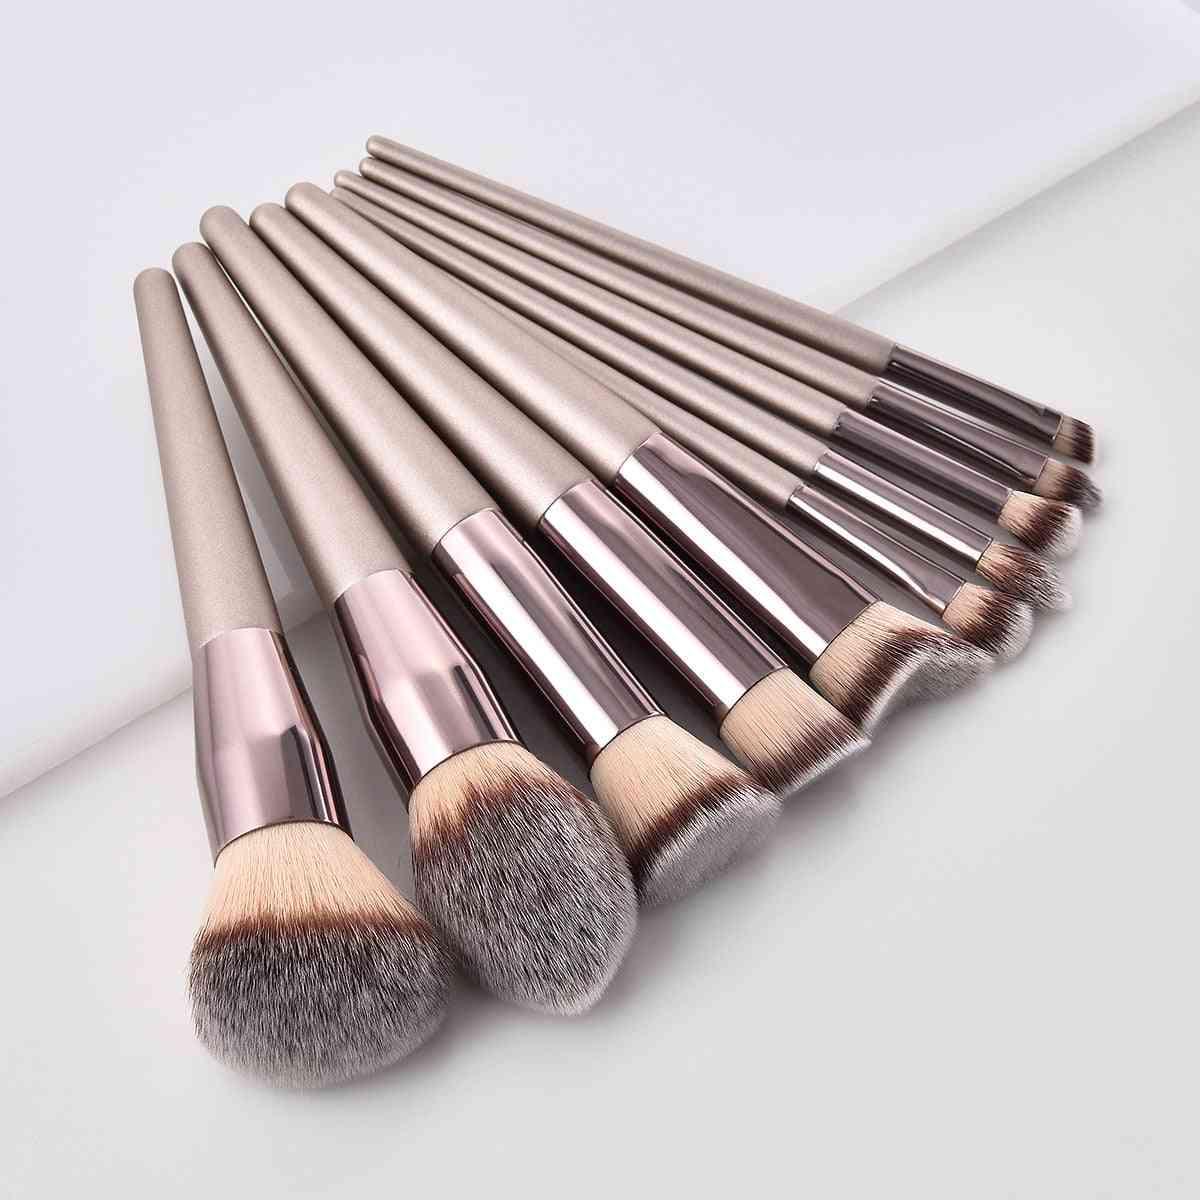 Champagne Makeup Brushes Set For Foundation Powder Blush Eyeshadow Concealer Lip Eye Makeup Brush Cosmetics Makeup Set